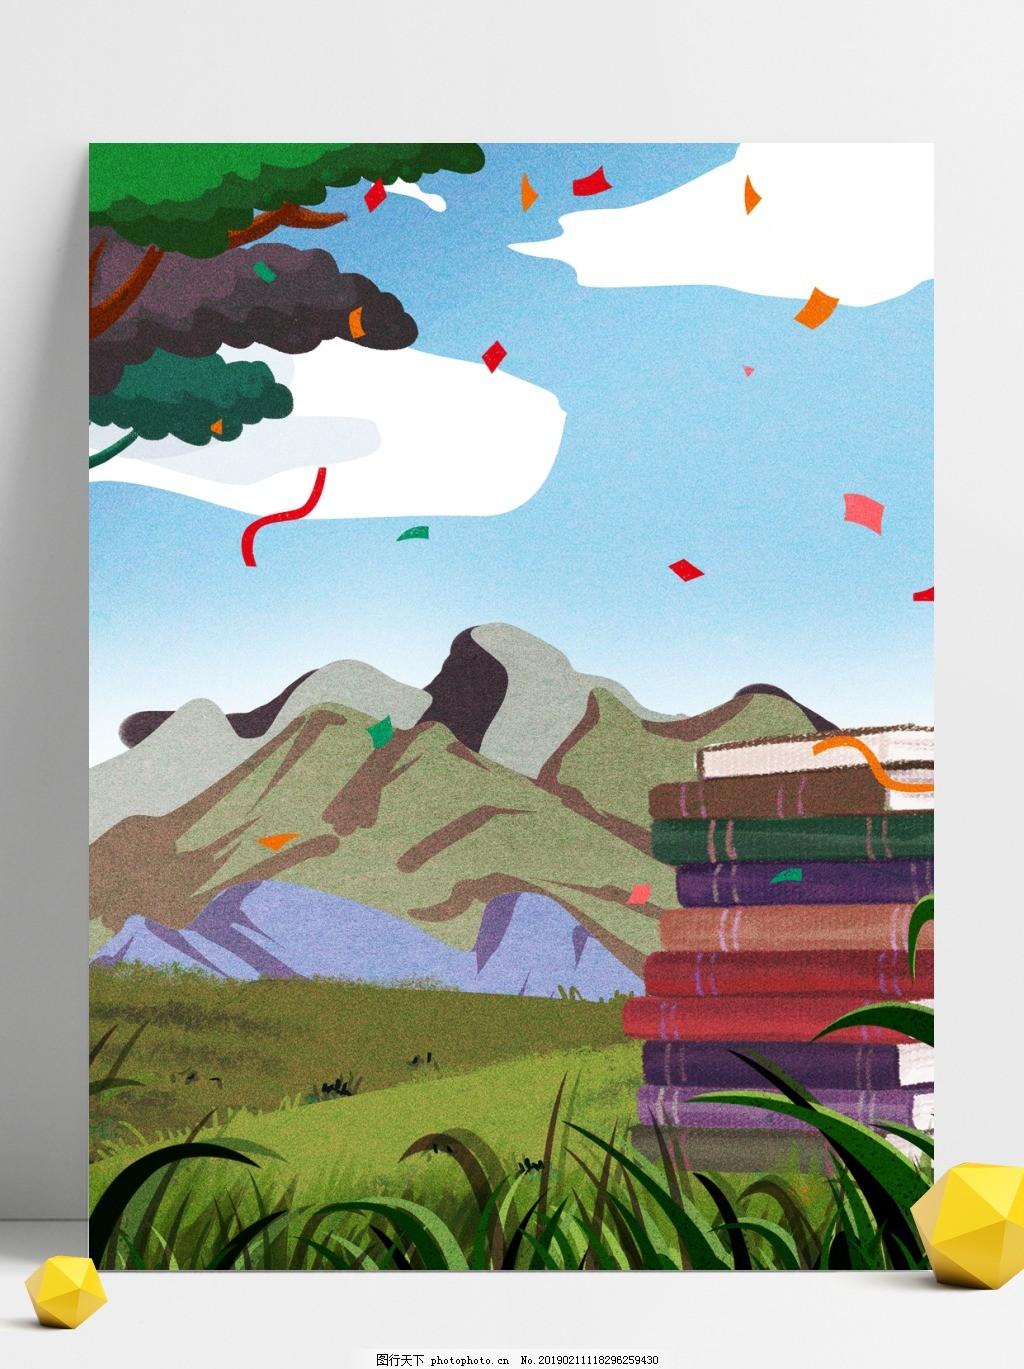 手绘远山书堆背景设计,大树,草地,背景图,创意,彩绘背景,背景展板